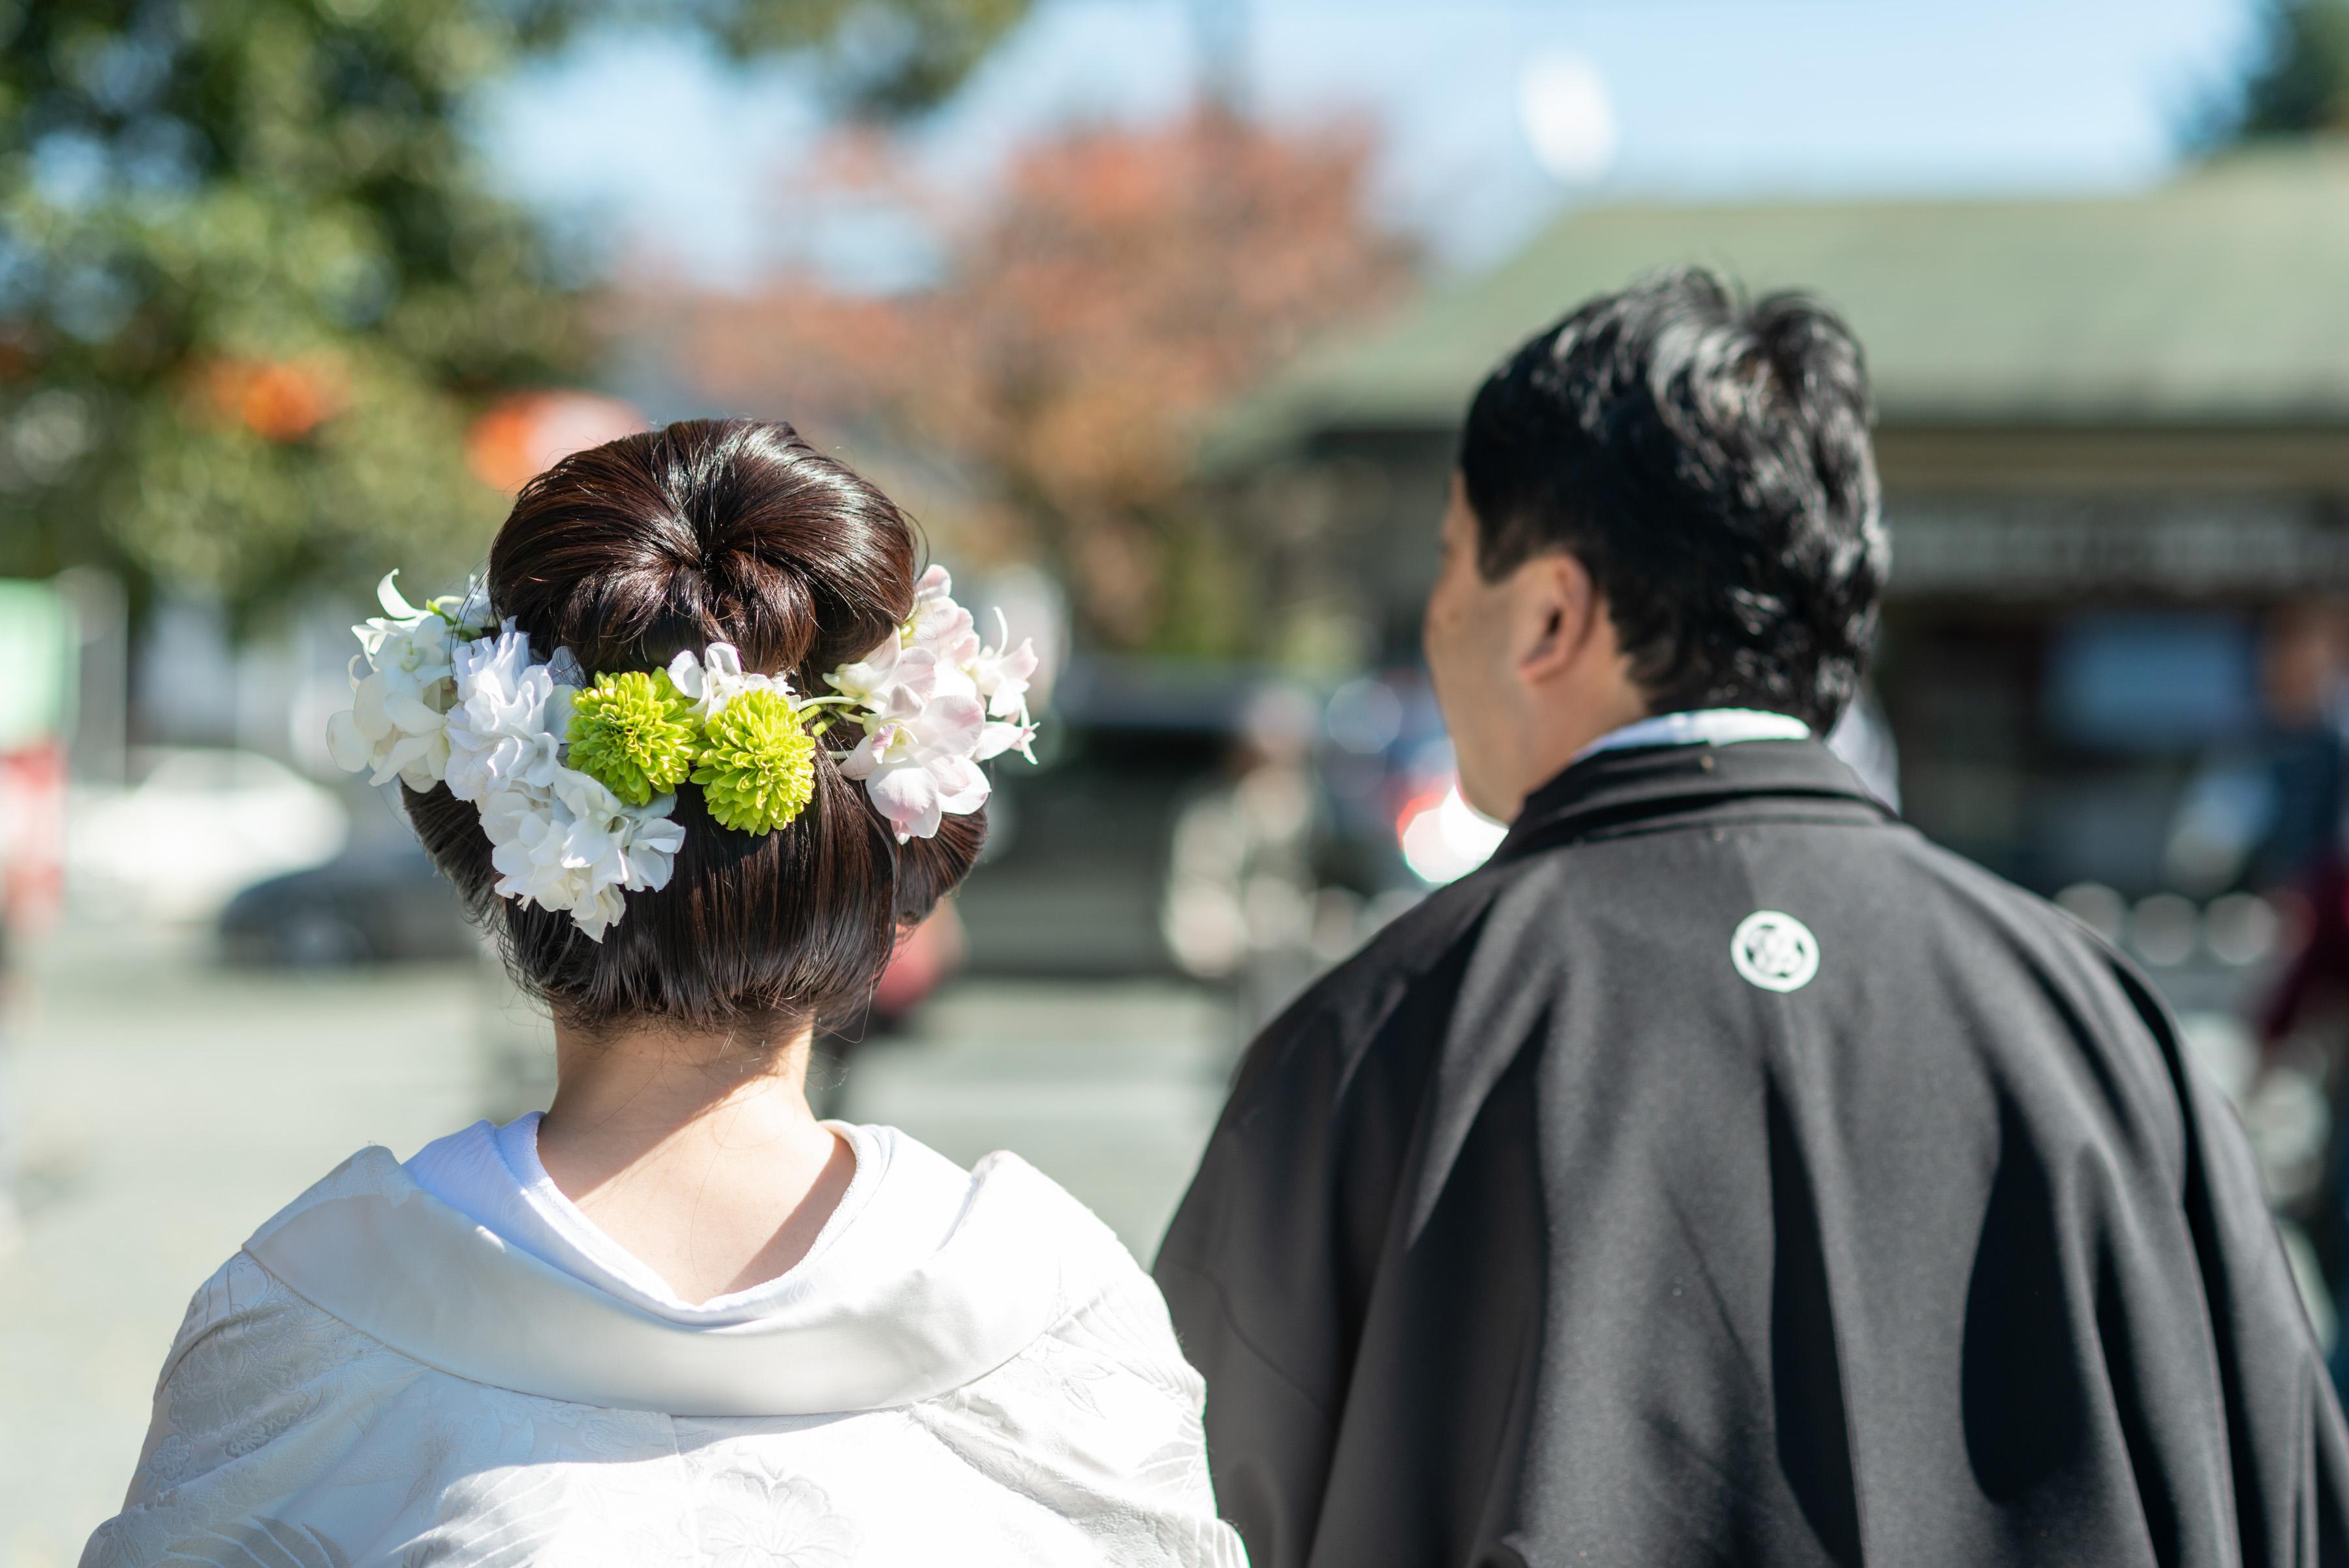 ~阿蘇神社~神前結婚式|お客様レポート|福岡・九州でフォトウェディング・前撮りならウェディングセレクト!フォトウェディング